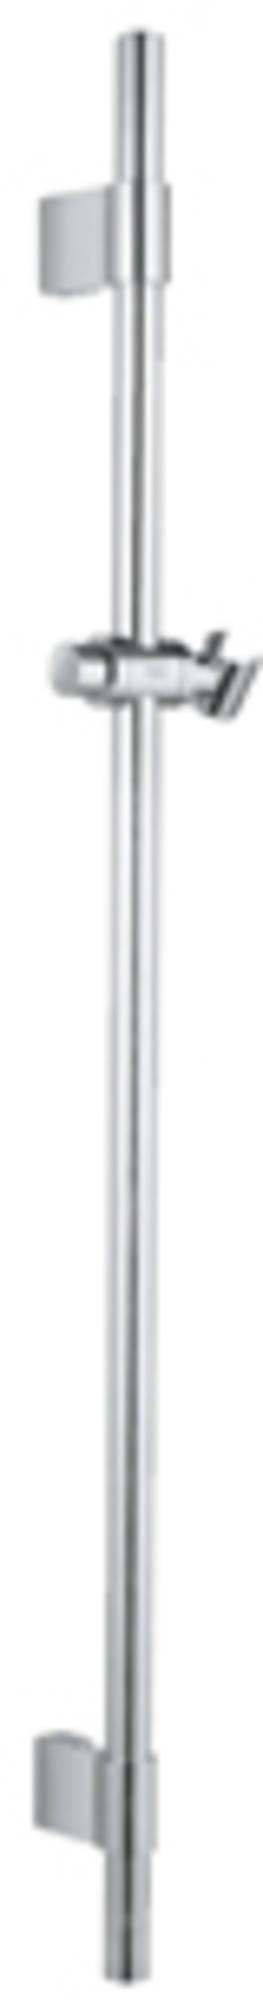 Grohe Relexa glijstang 28819001